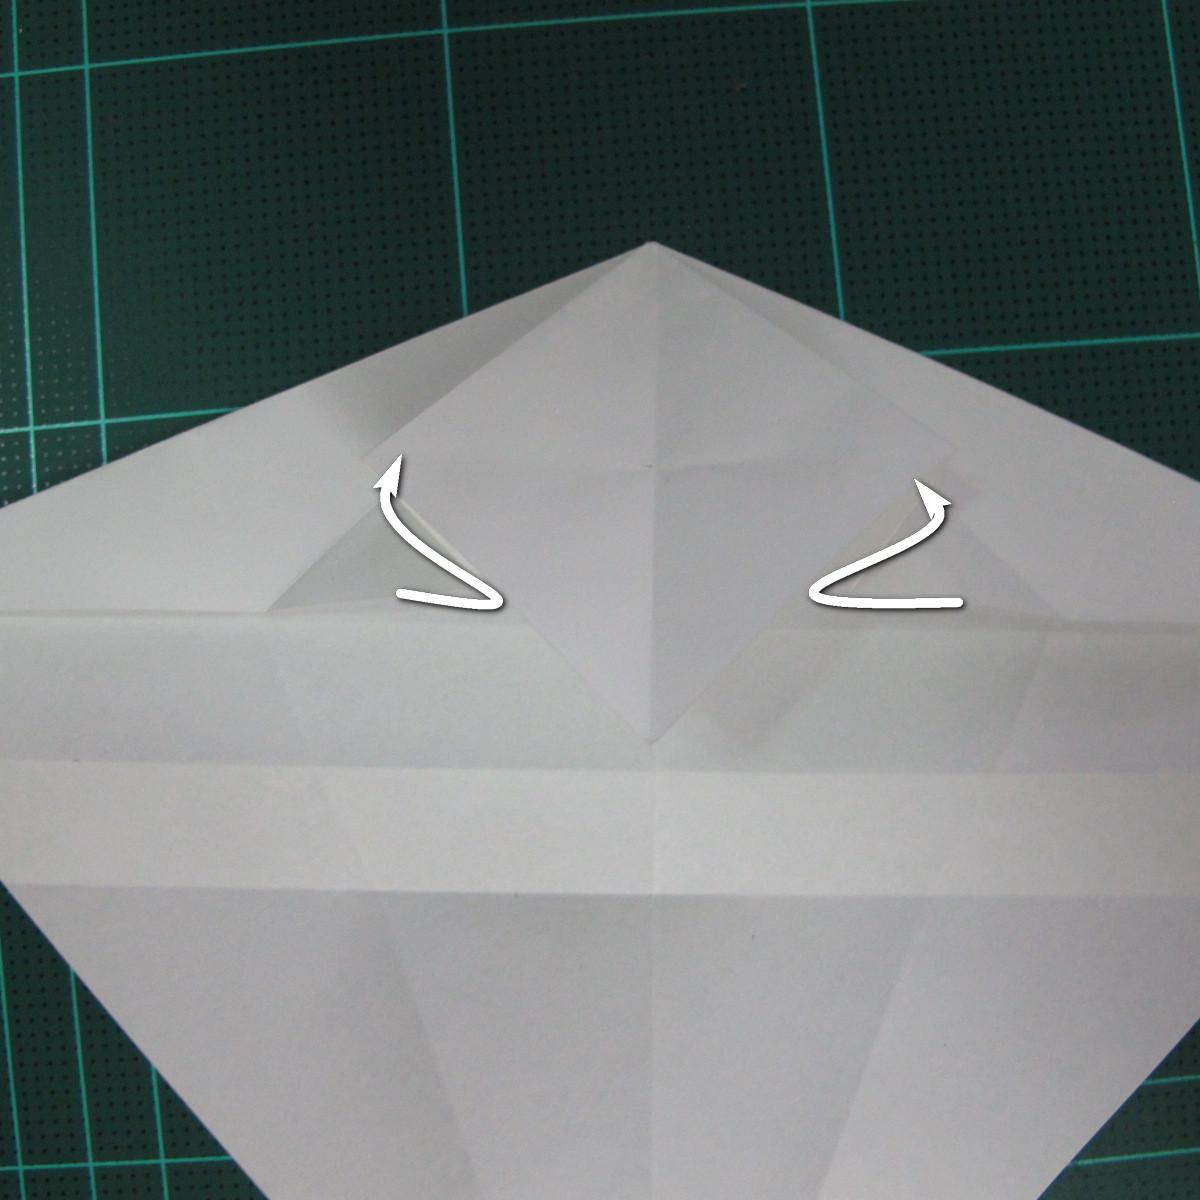 วิธีพับกระดาษเป็นรูปปลาแซลม่อน (Origami Salmon) 017